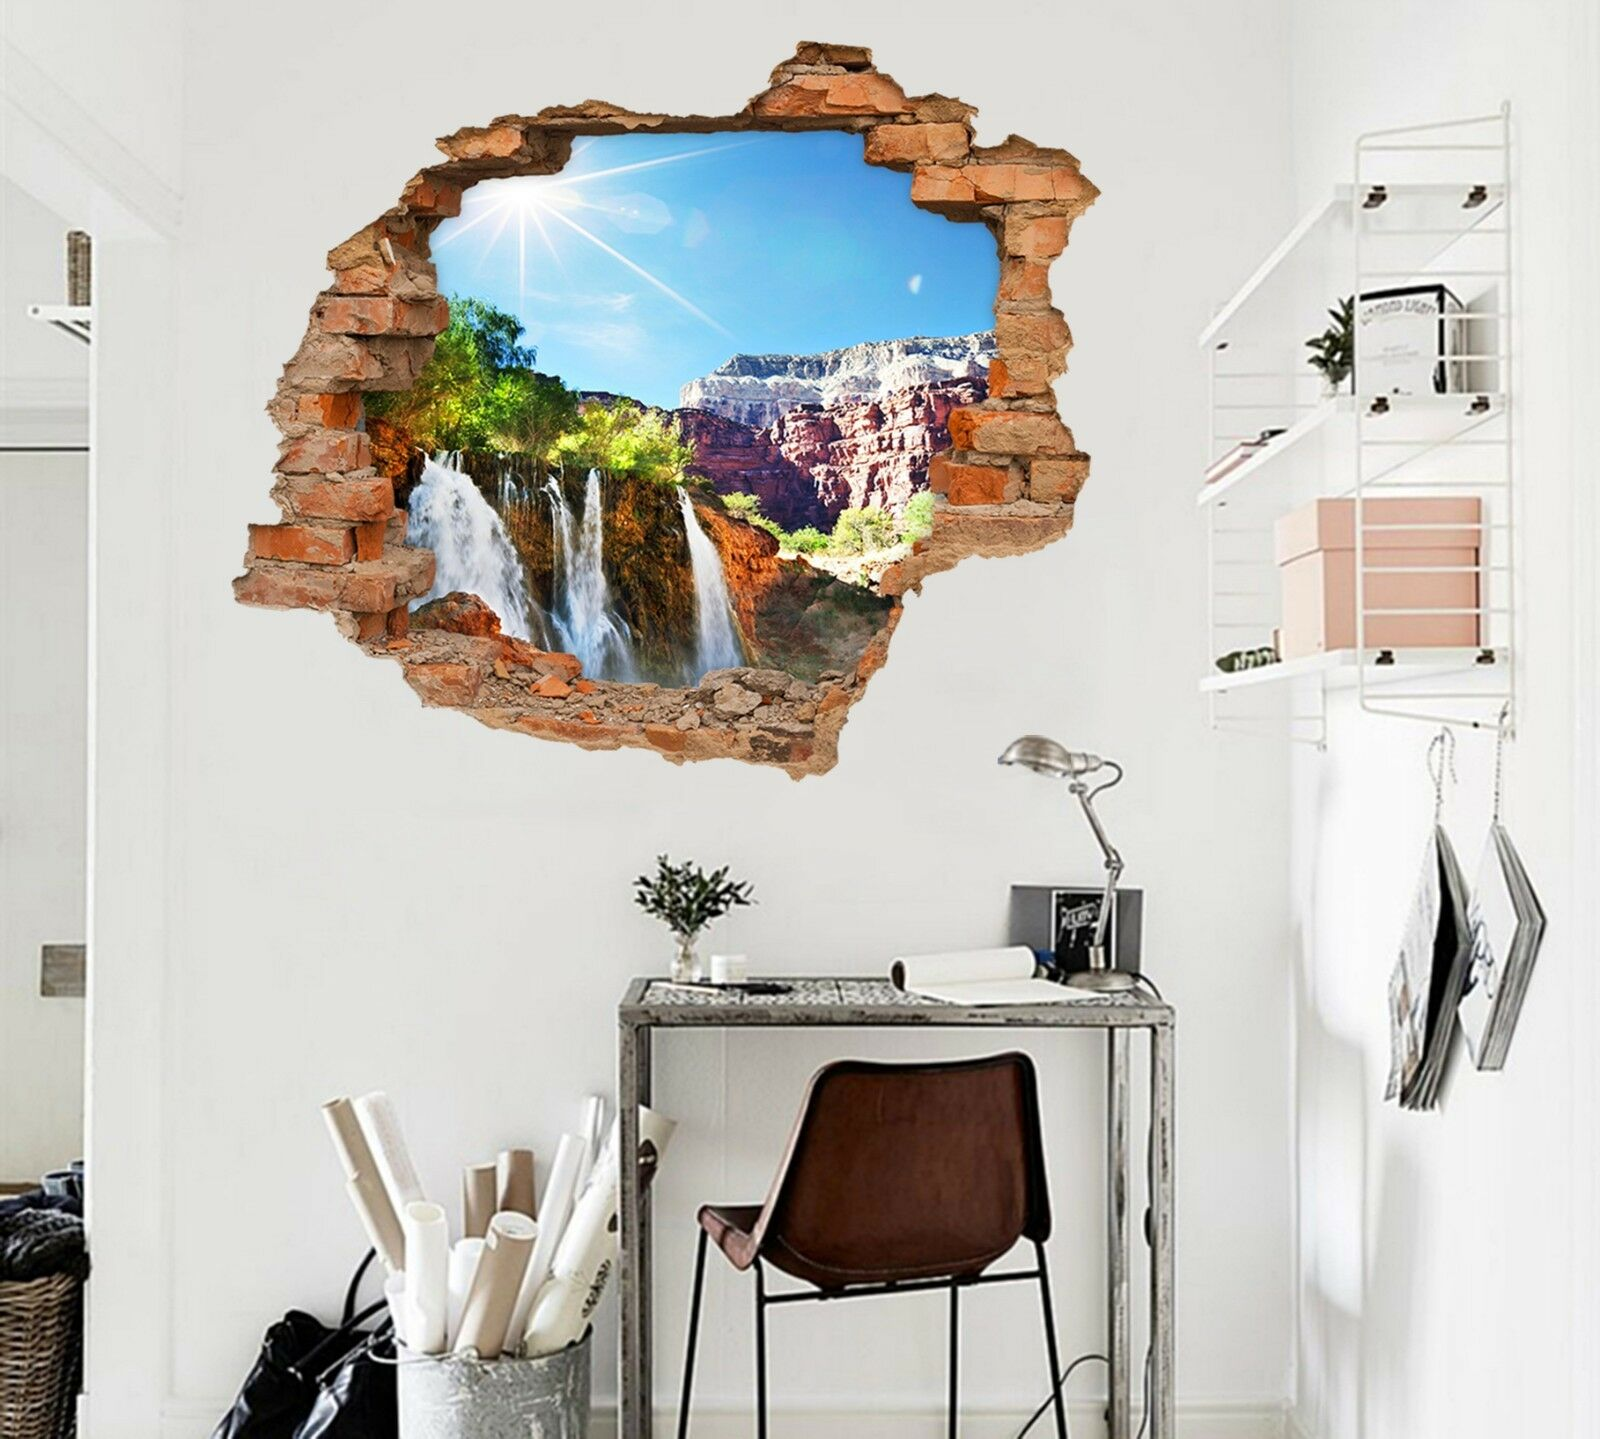 3D Cliffs Sonne 708 Mauer Murals Mauer Aufklebe Decal Durchbruch AJ WALLPAPER DE